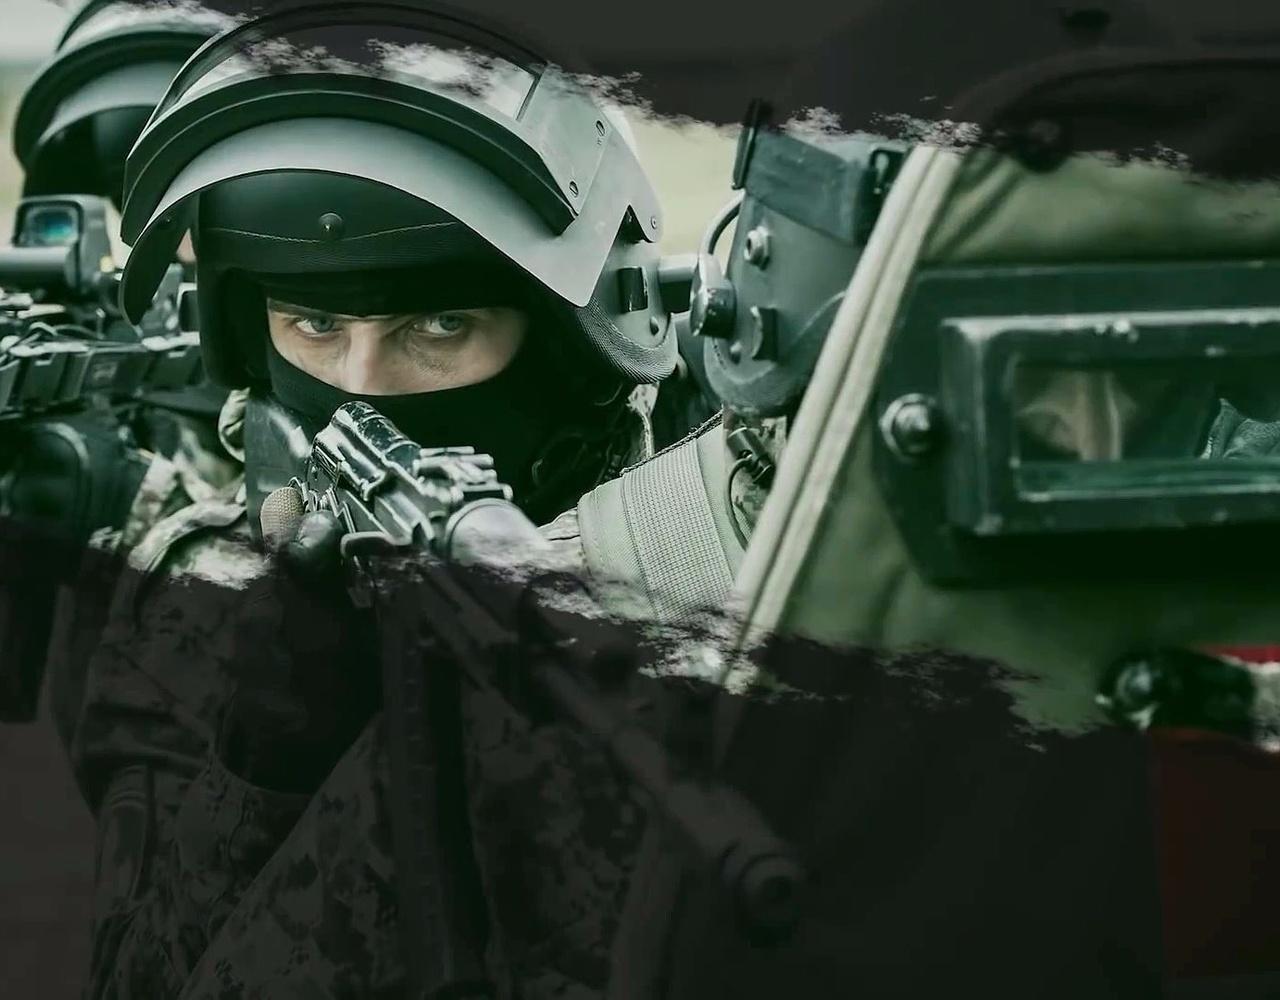 【纪录片】俄罗斯内务部СОБР特种部队(俄语中字)